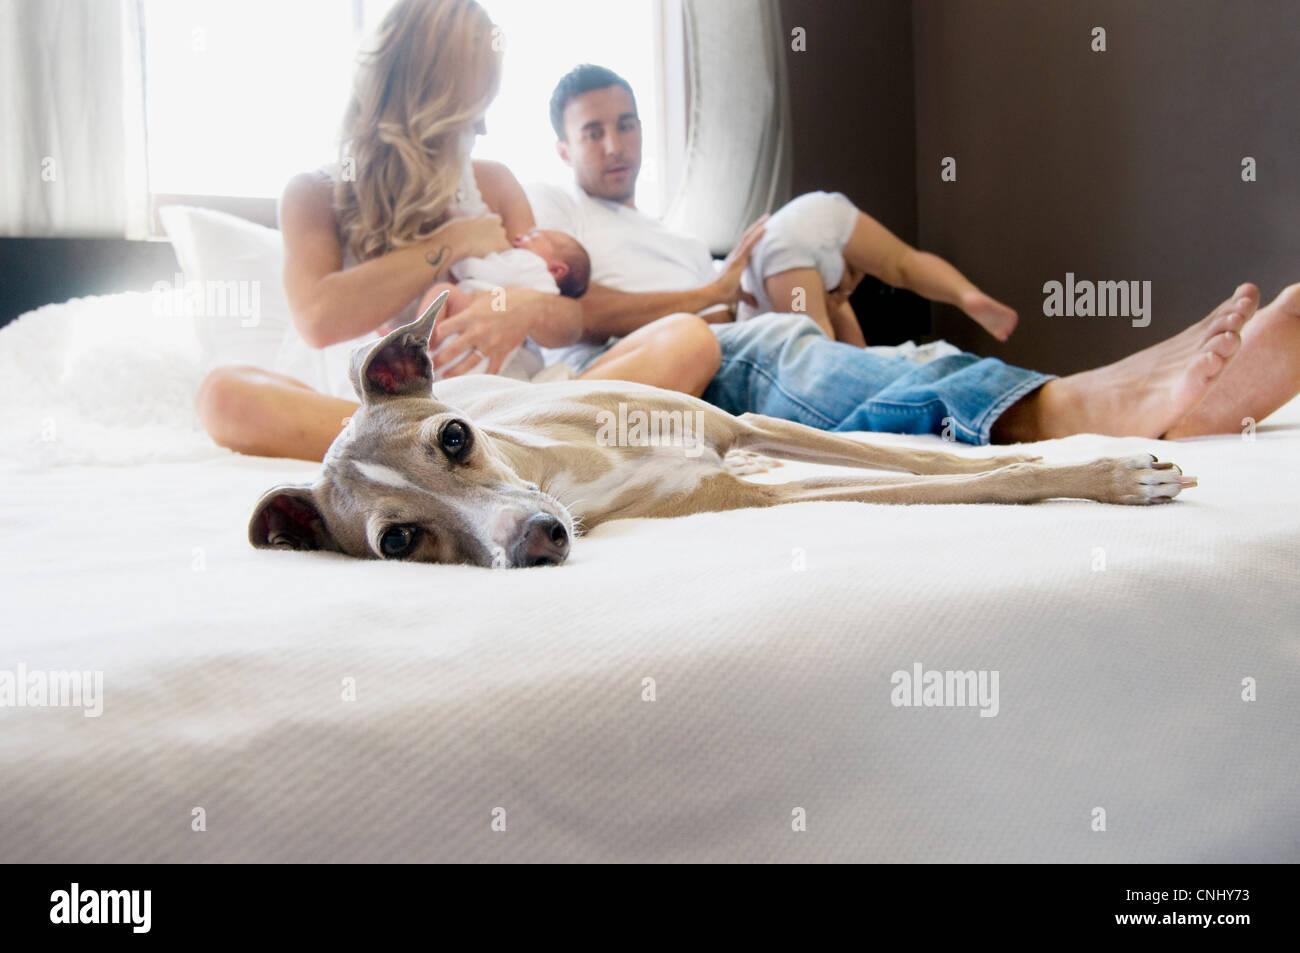 Cane e famiglia con coppia con bambini sul letto Immagini Stock